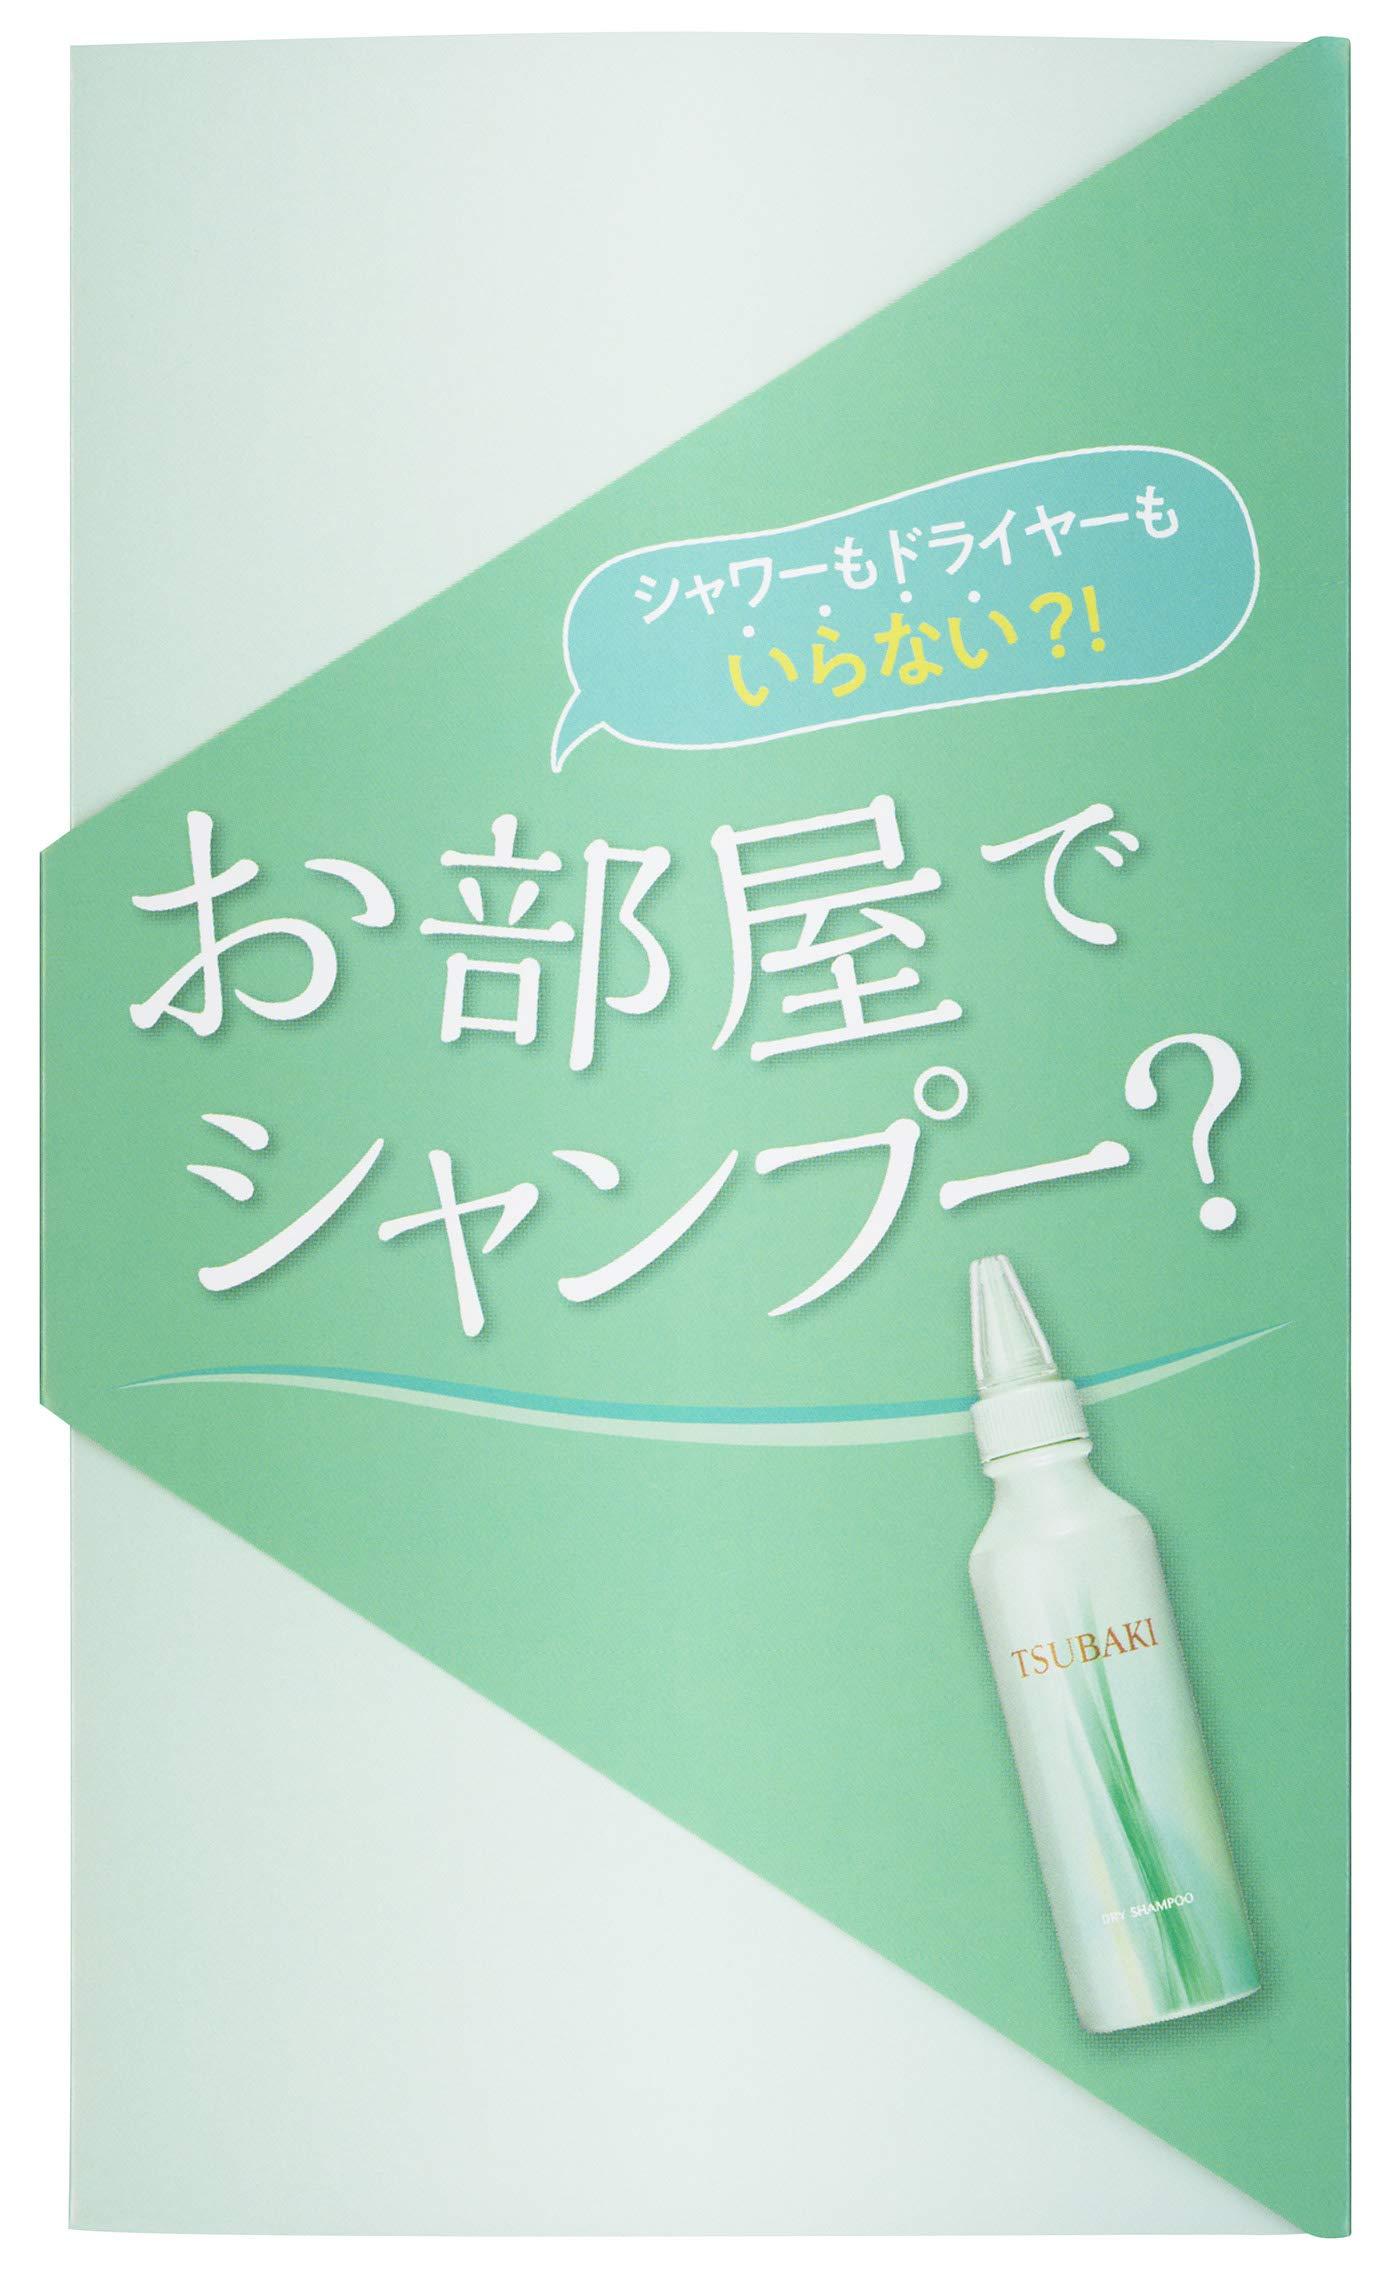 TSUBAKI お部屋でシャンプー ドライシャンプー(洗い流しのいらないタイプ) ミニサイズ1回分 6ml